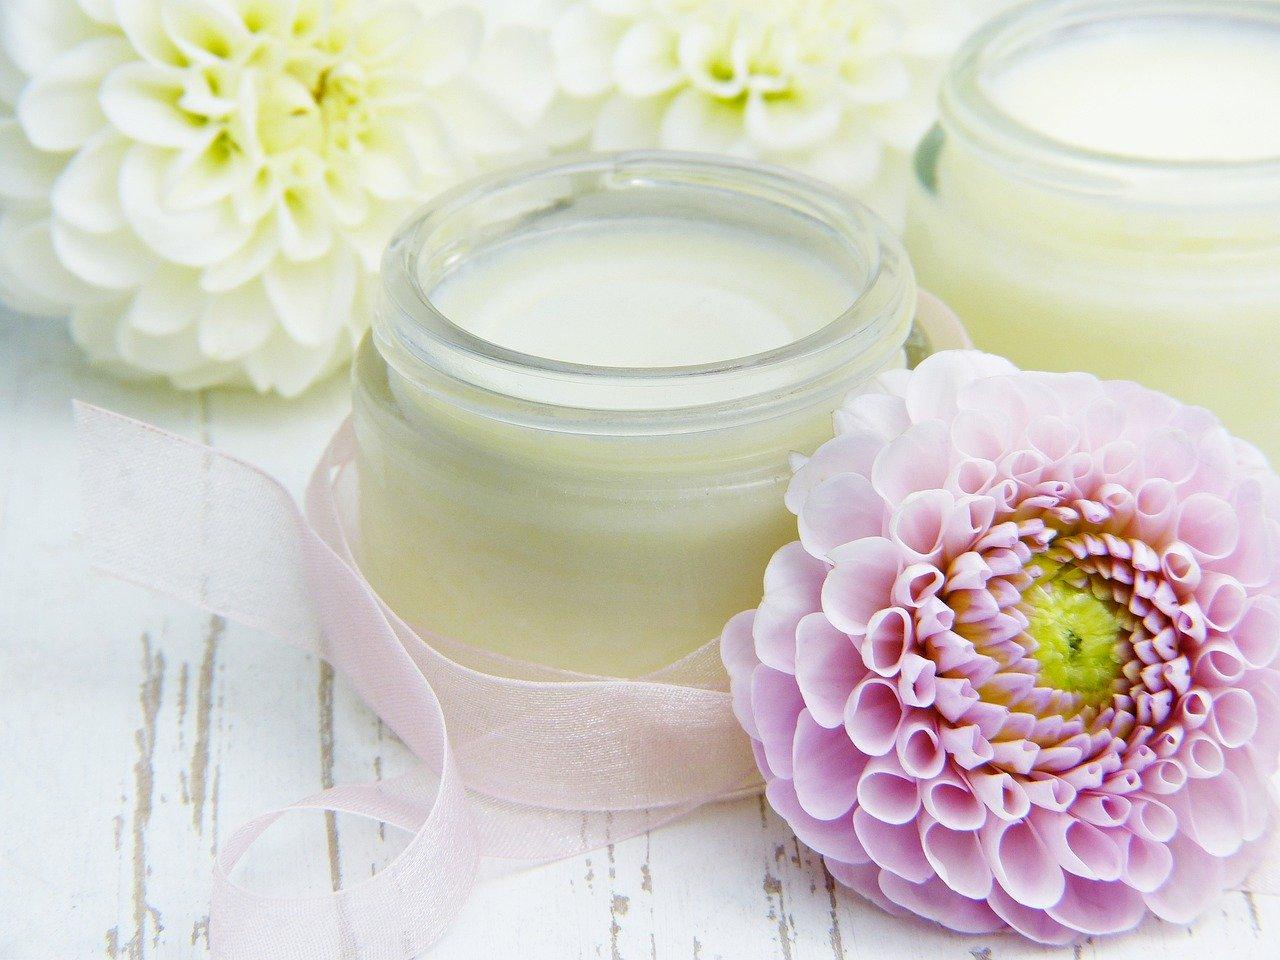 Parfümfreie Gesichtscreme für verjüngte und frische Haut